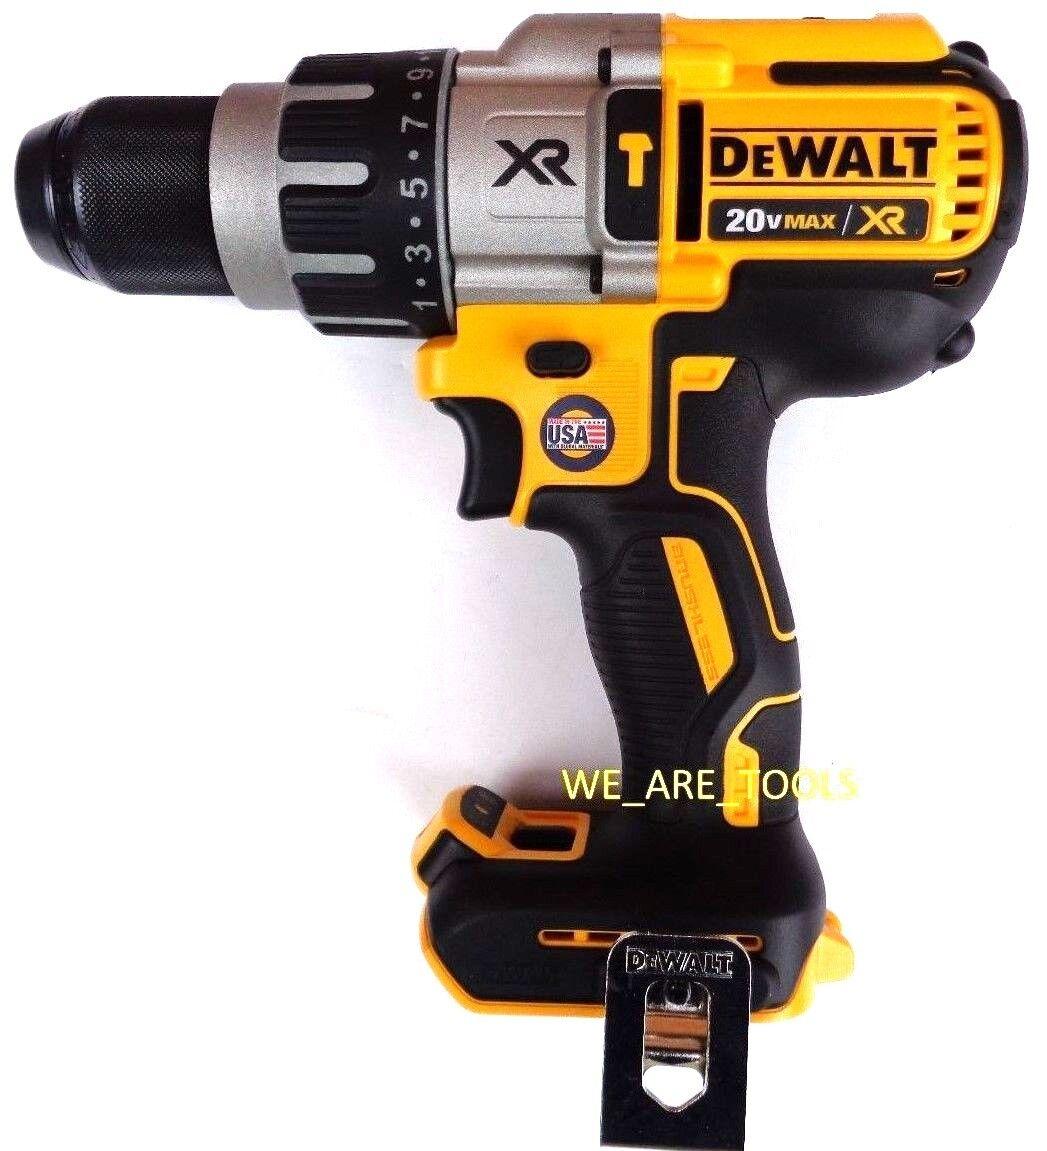 New DeWalt DCD996 20V Max XR Brushless 3-Speed Cordless 1/2 Hammer Drill 20 Volt. Buy it now for 124.97